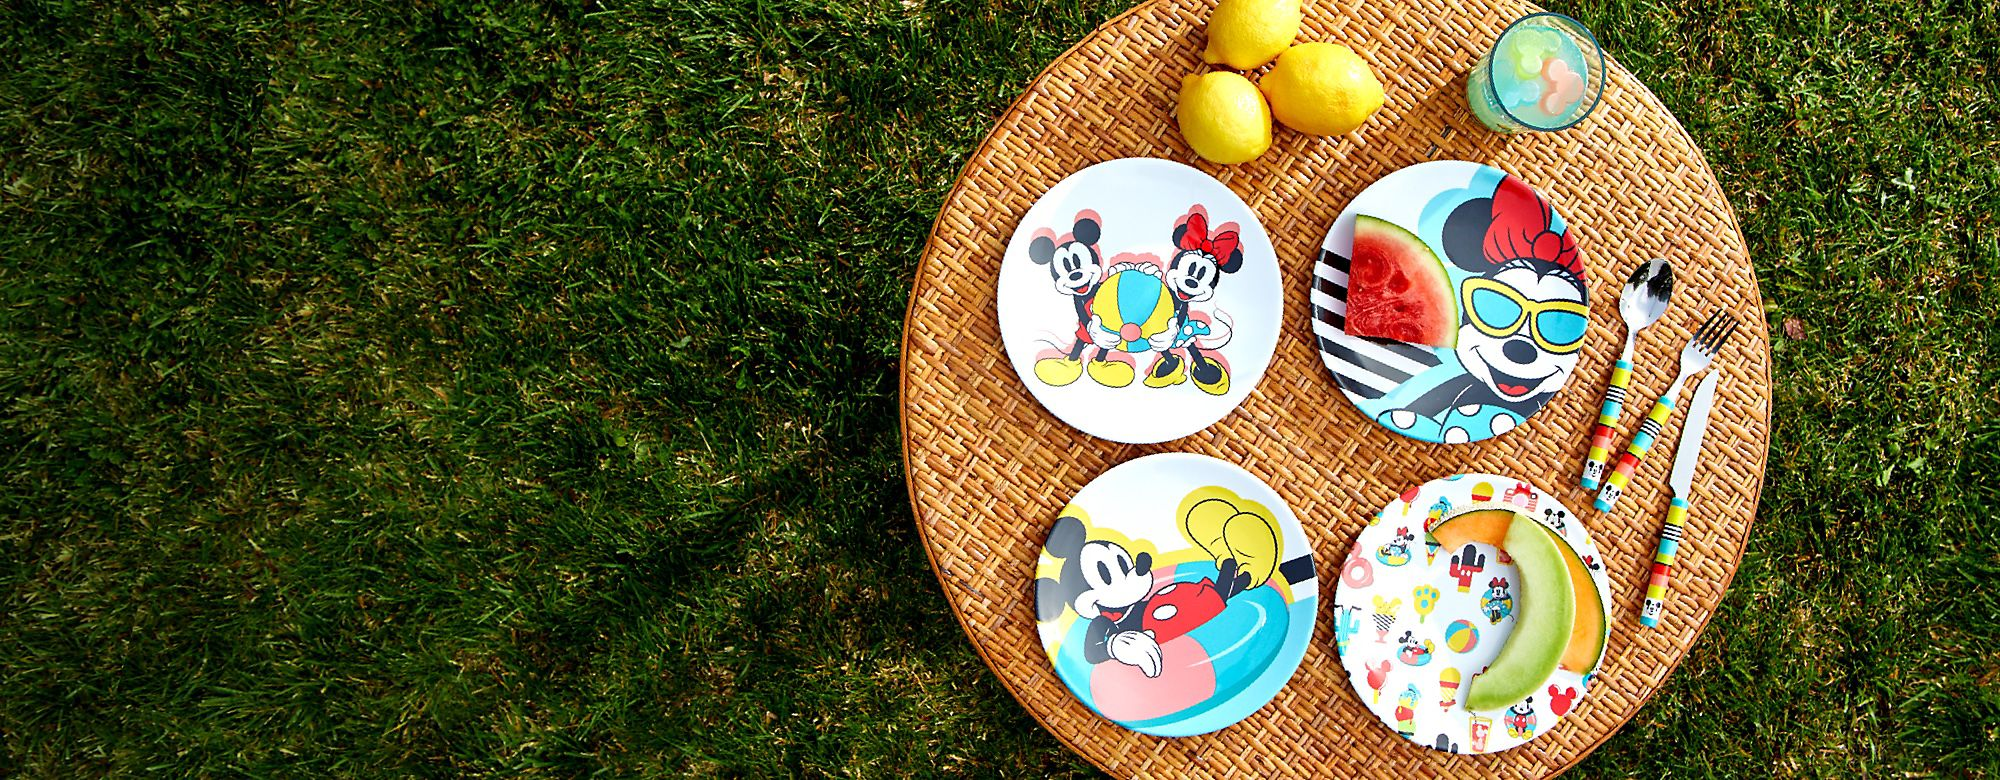 Disney Eats Pour devenir un grand chef cuisinier comme Rémy, enfilez votre tablier et préparez de bons plats avec les ustensiles Disney Eats. DÉCOUVRIR